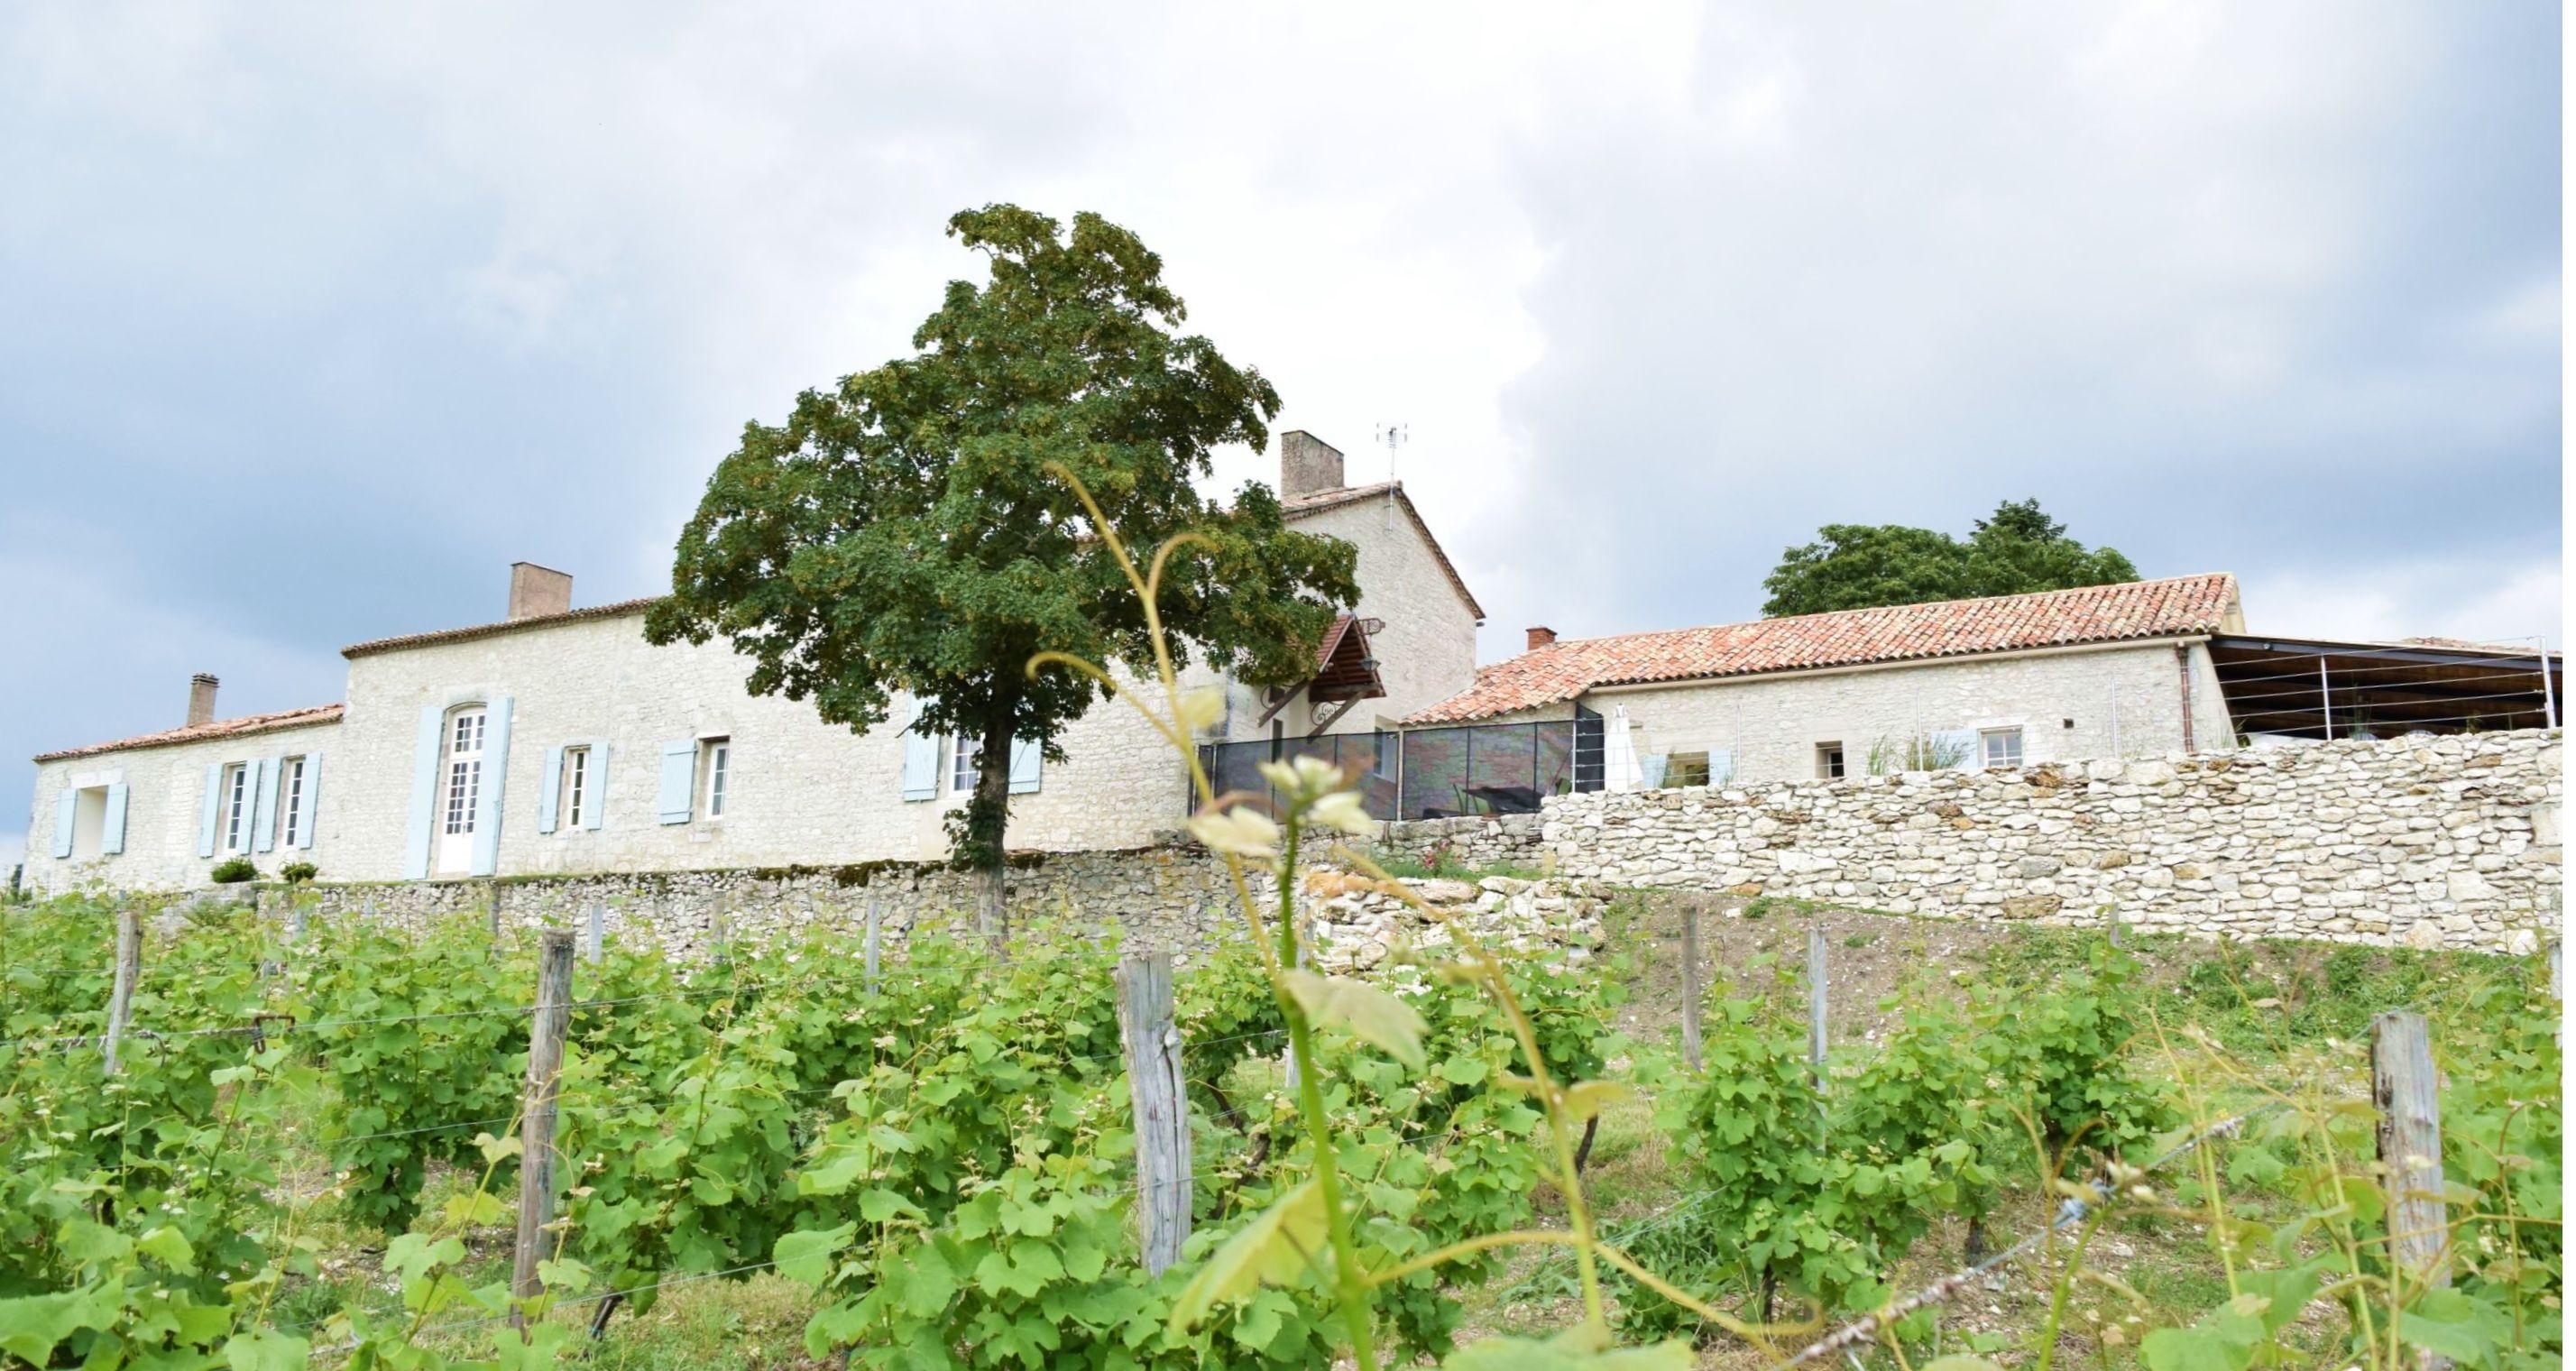 Location vacances et chambres d 39 h tes en vall e dordogne - Office de tourisme vallee de la dordogne ...